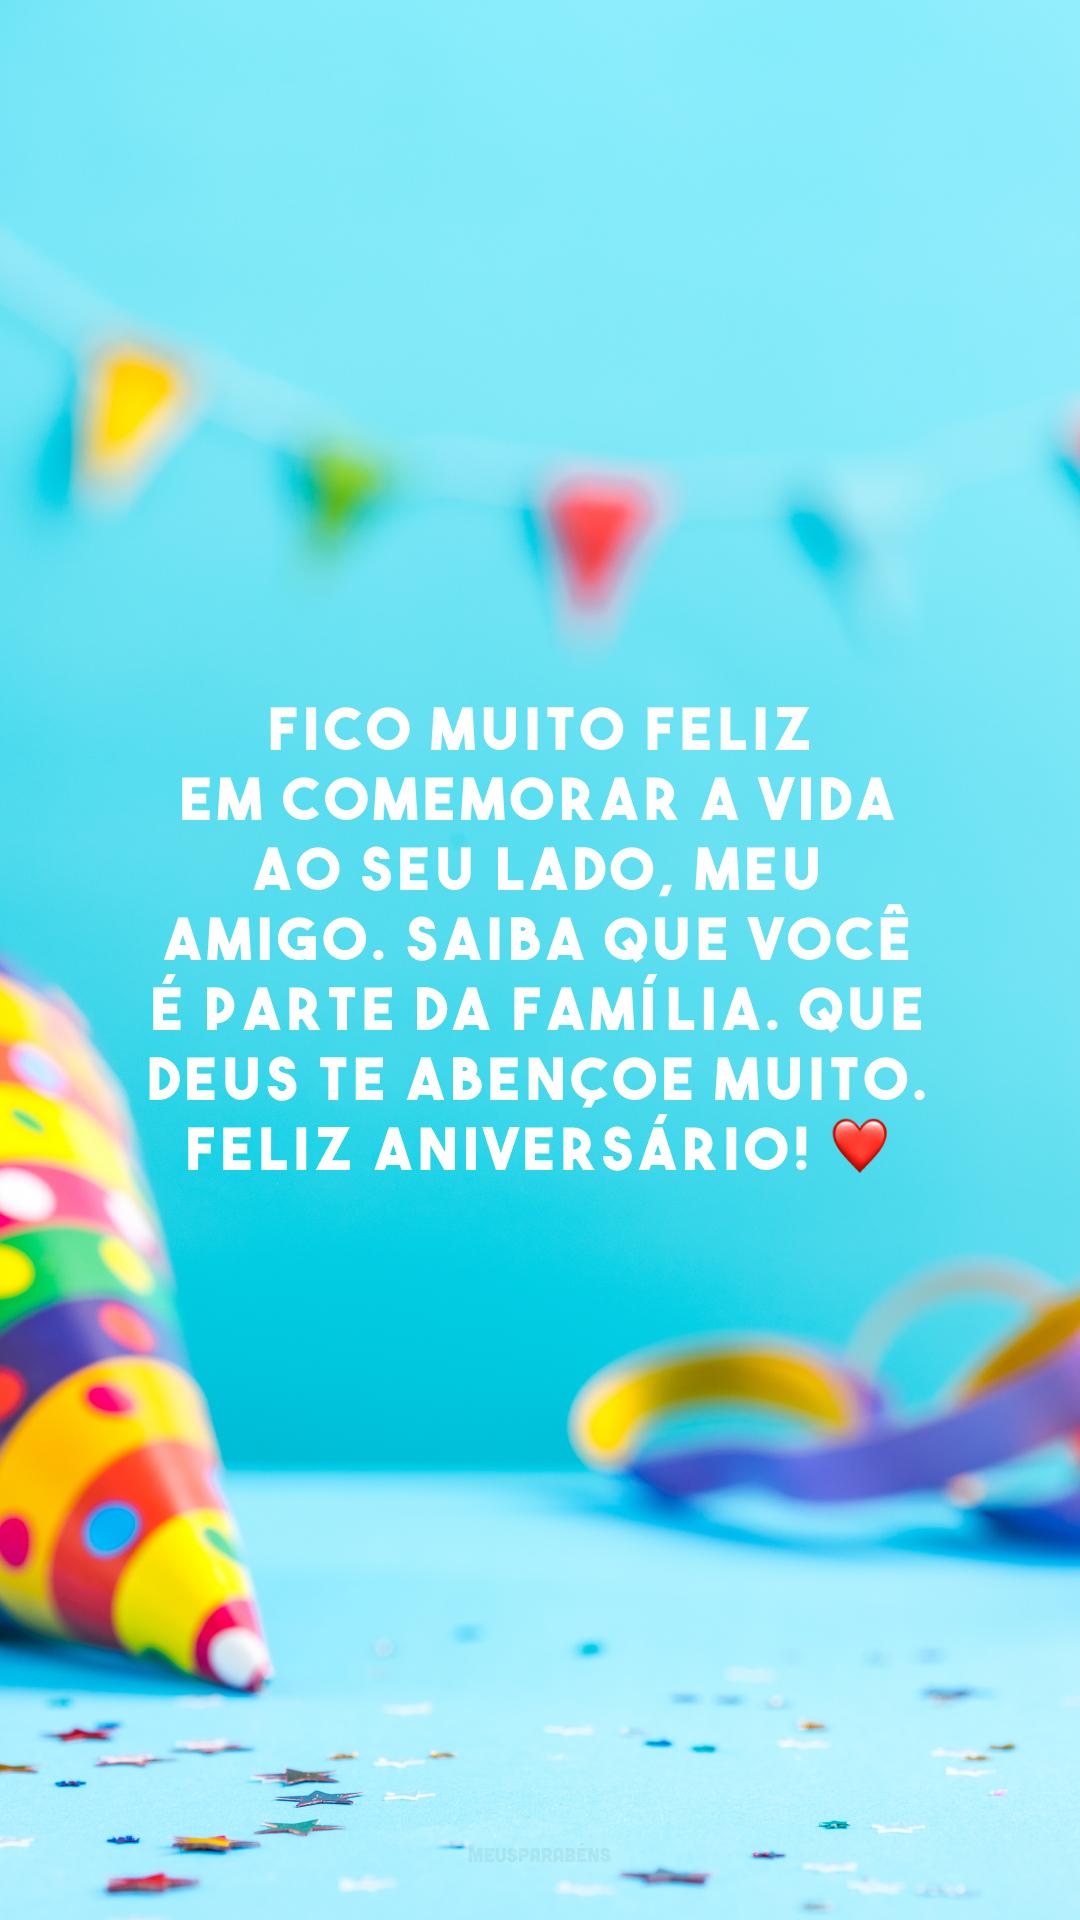 Fico muito feliz em comemorar a vida ao seu lado, meu amigo. Saiba que você é parte da família. Que Deus te abençoe muito. Feliz aniversário! ❤️